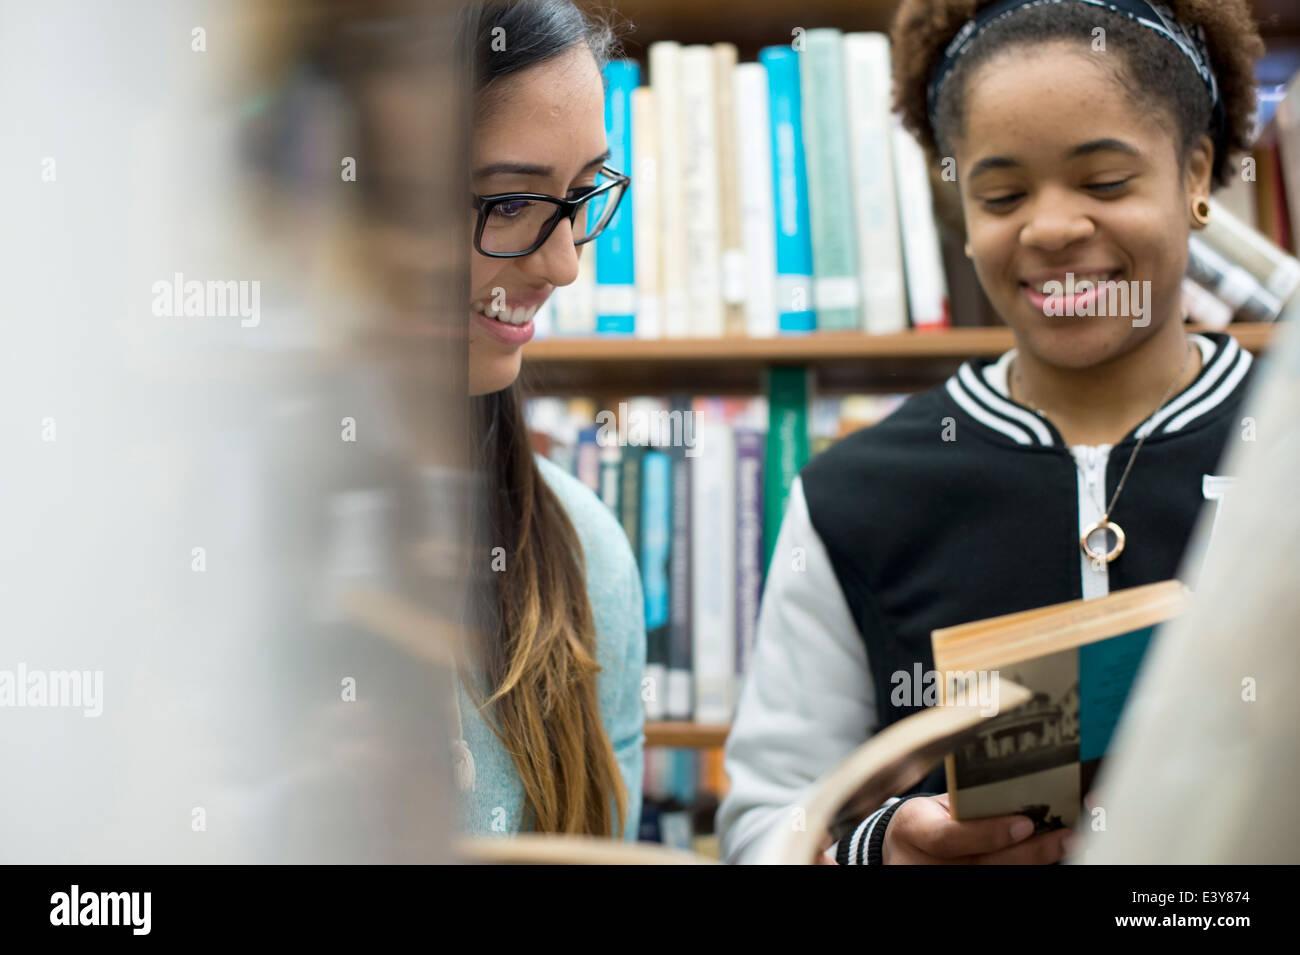 Los estudiantes universitarios eligiendo los libros en la biblioteca Imagen De Stock